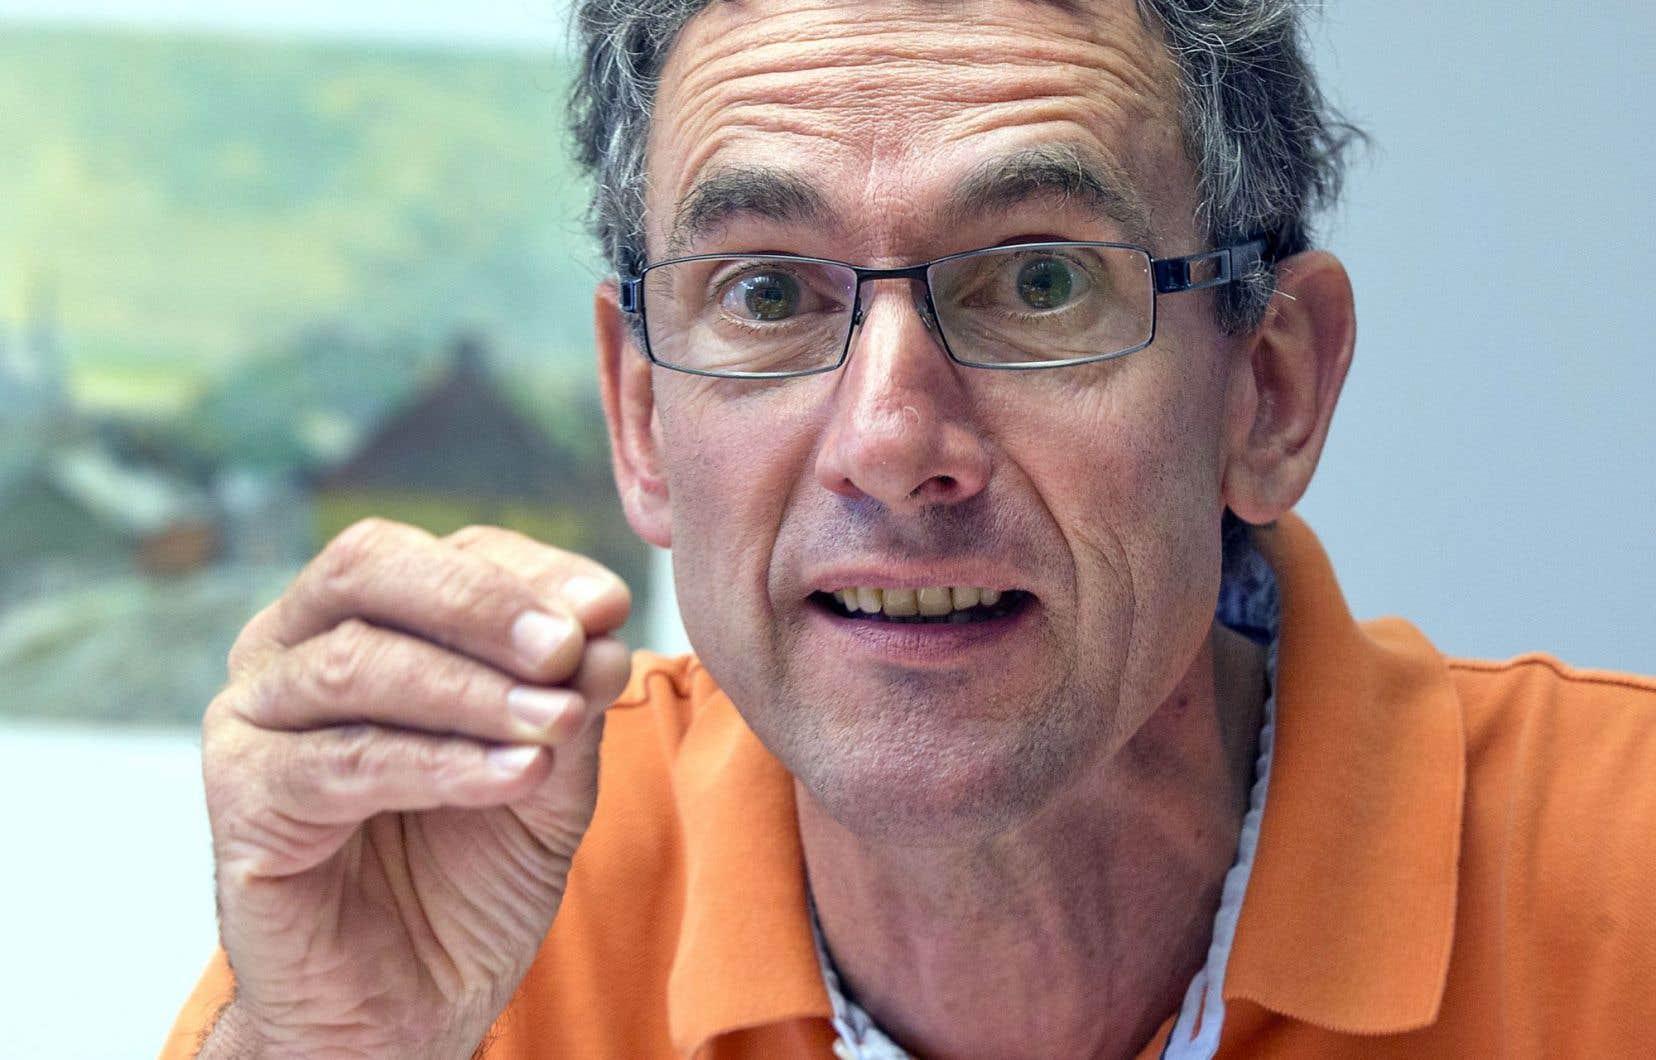 Le représentant des IUT français, Stéphane Lauwick, arrive au Québec et à Ottawa avec un message précis: en France, les stages, c'est du sérieux.